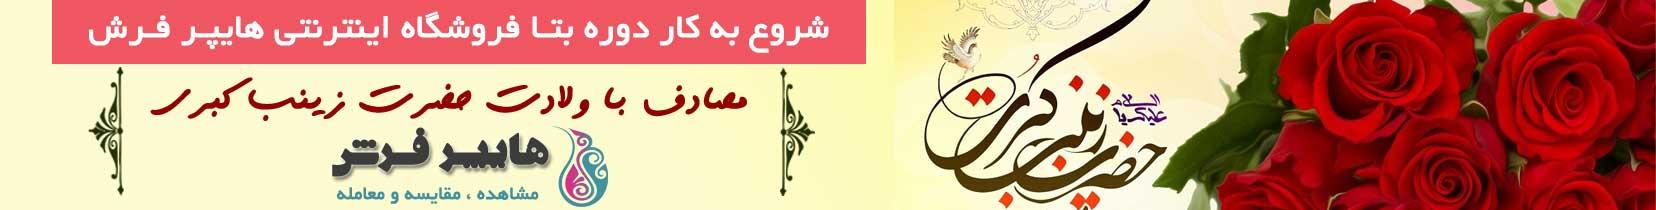 شروع به کار رسمی فروشگاه اینترنتی تخصصی هایپر فرش در روز ولادت حضرت زینت